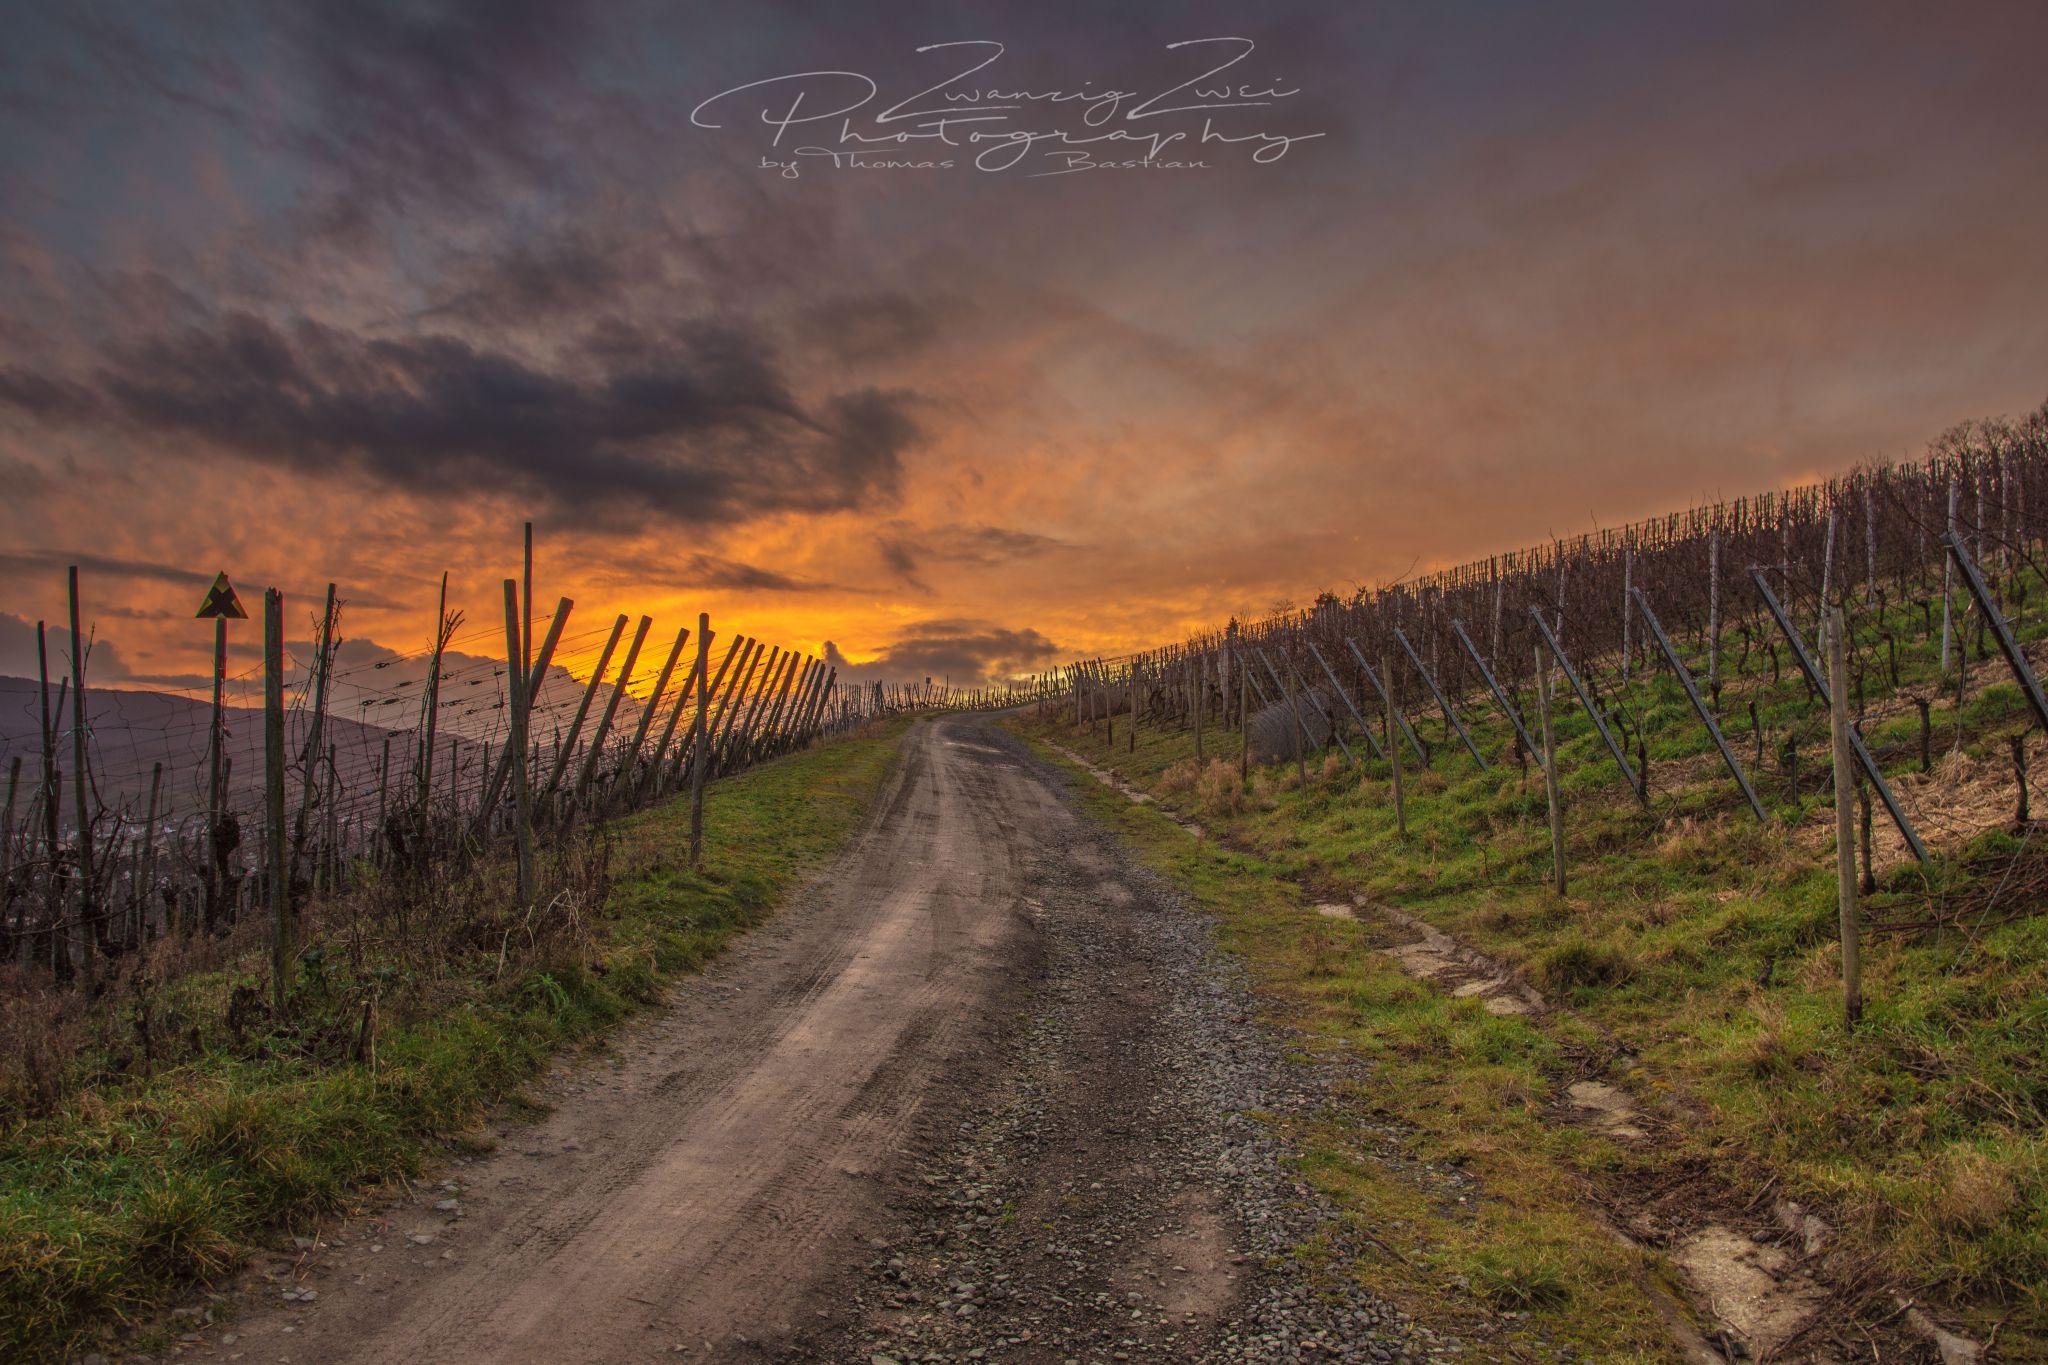 Sonnenuntergang auf dem Rotweinwanderweg, Germany